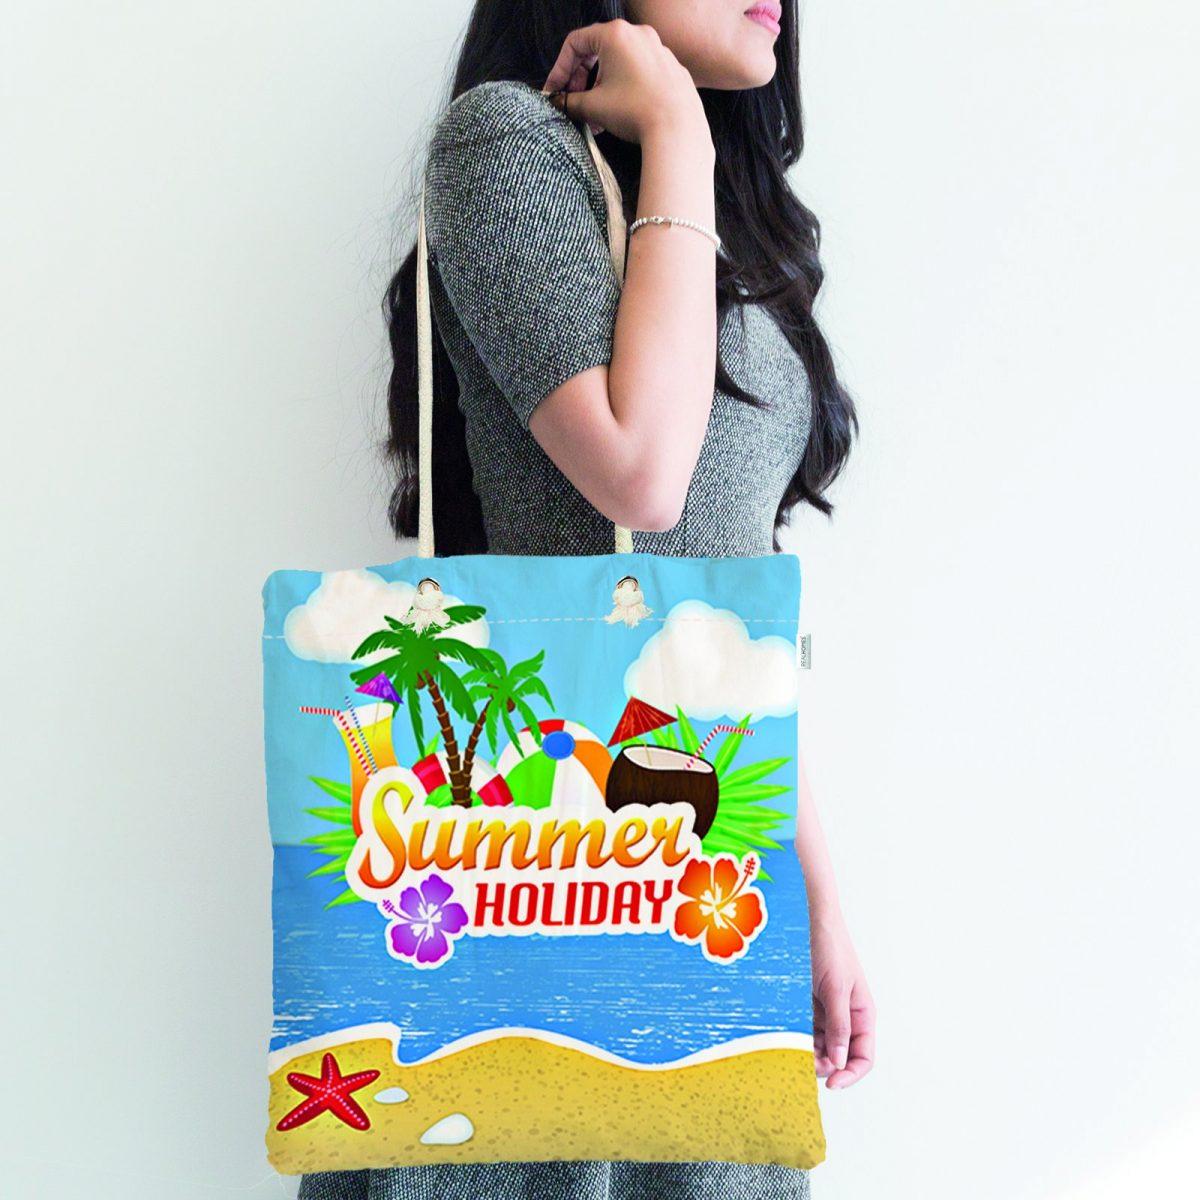 Summer Holiday Özel Tasarımlı Dijital Baskılı Fermuarlı Bez Çanta Realhomes